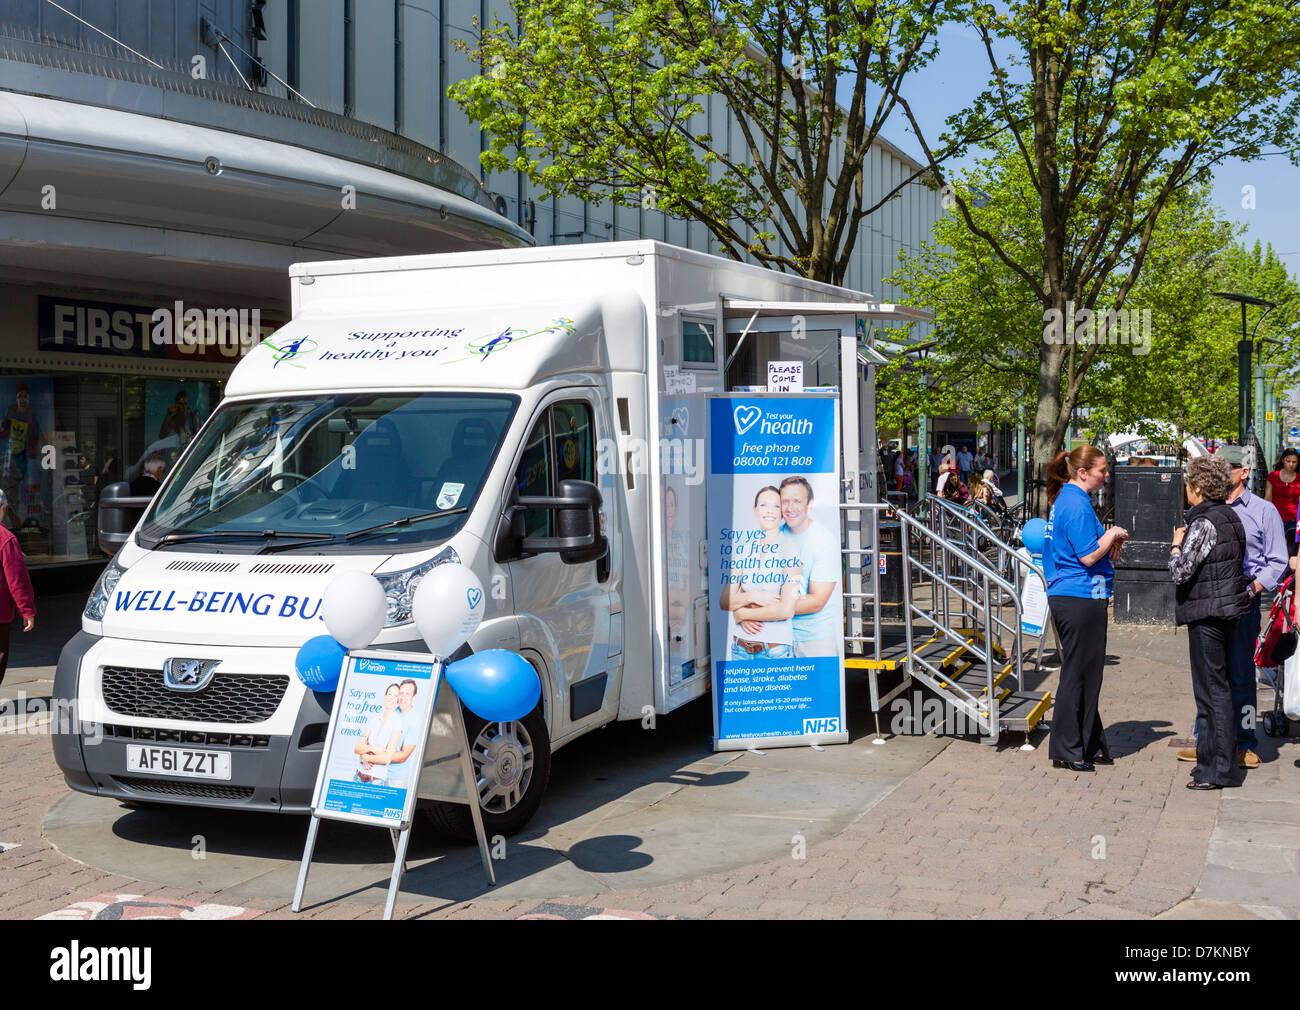 Le bien-être du NHS donnant gratuitement à des contrôles de santé de bus dans le centre-ville, Photo Stock